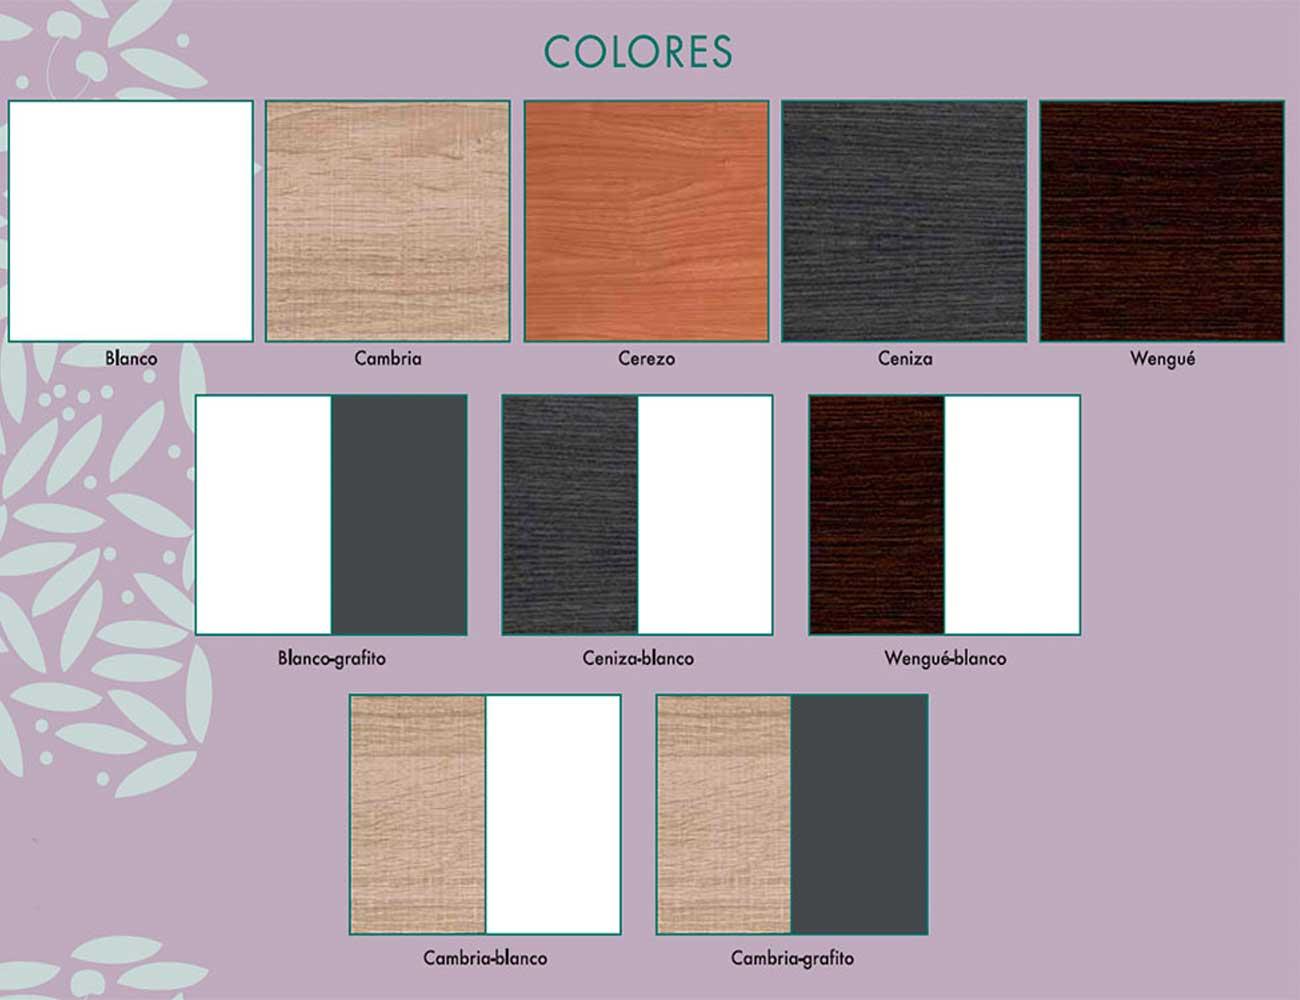 Salon colores